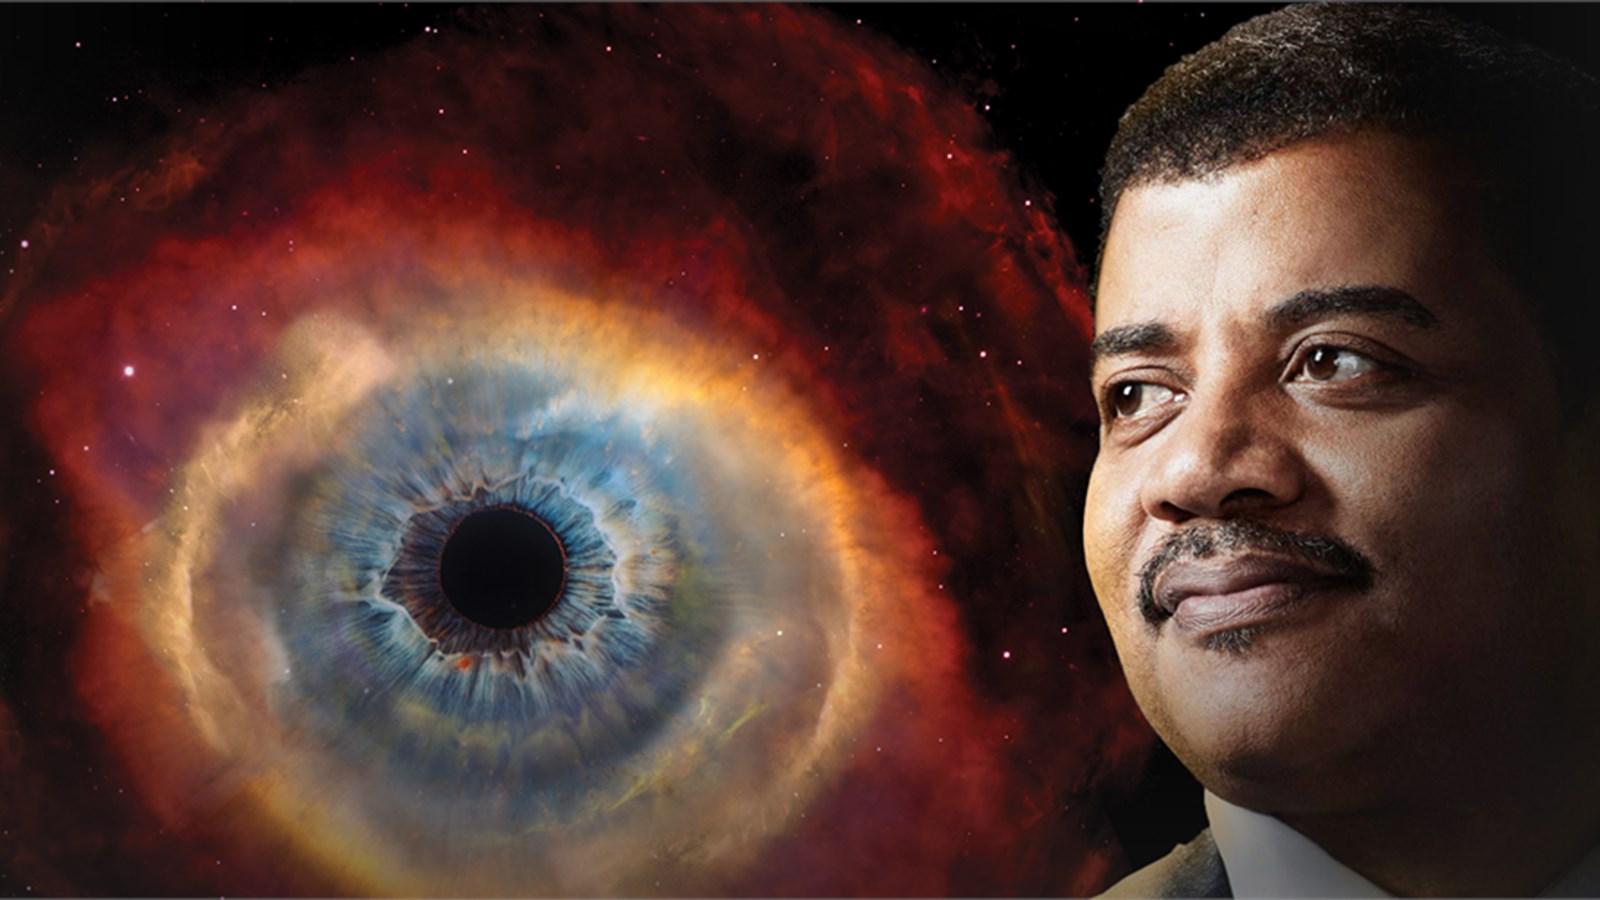 Opłacasz Netflix? Zobacz Cosmos: A Spacetime Odyssey